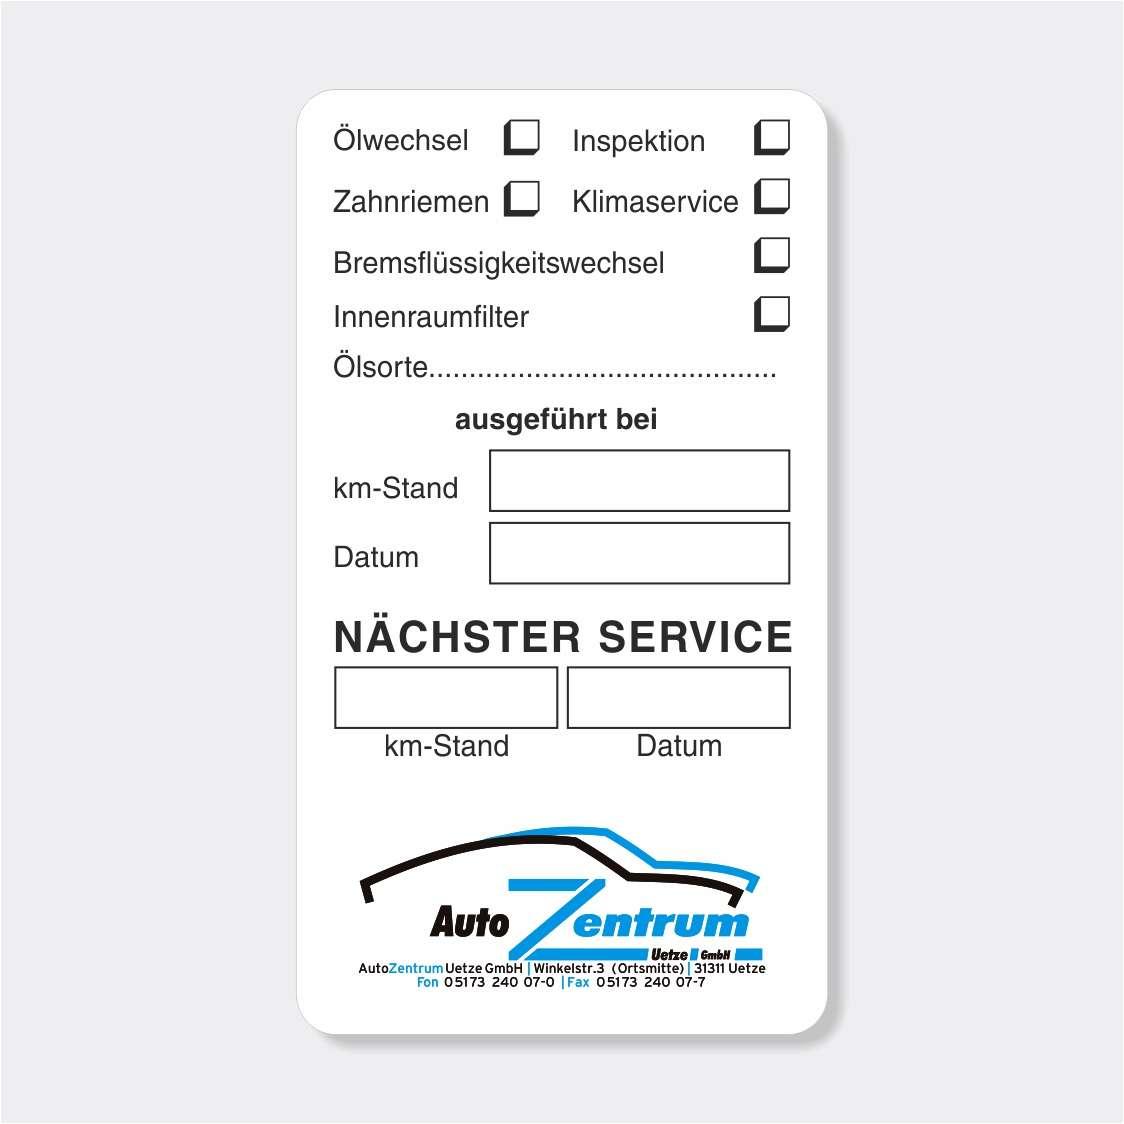 Service Etiketten & Service Anhänger für die KFZ Werkstatt | HERMANN ...